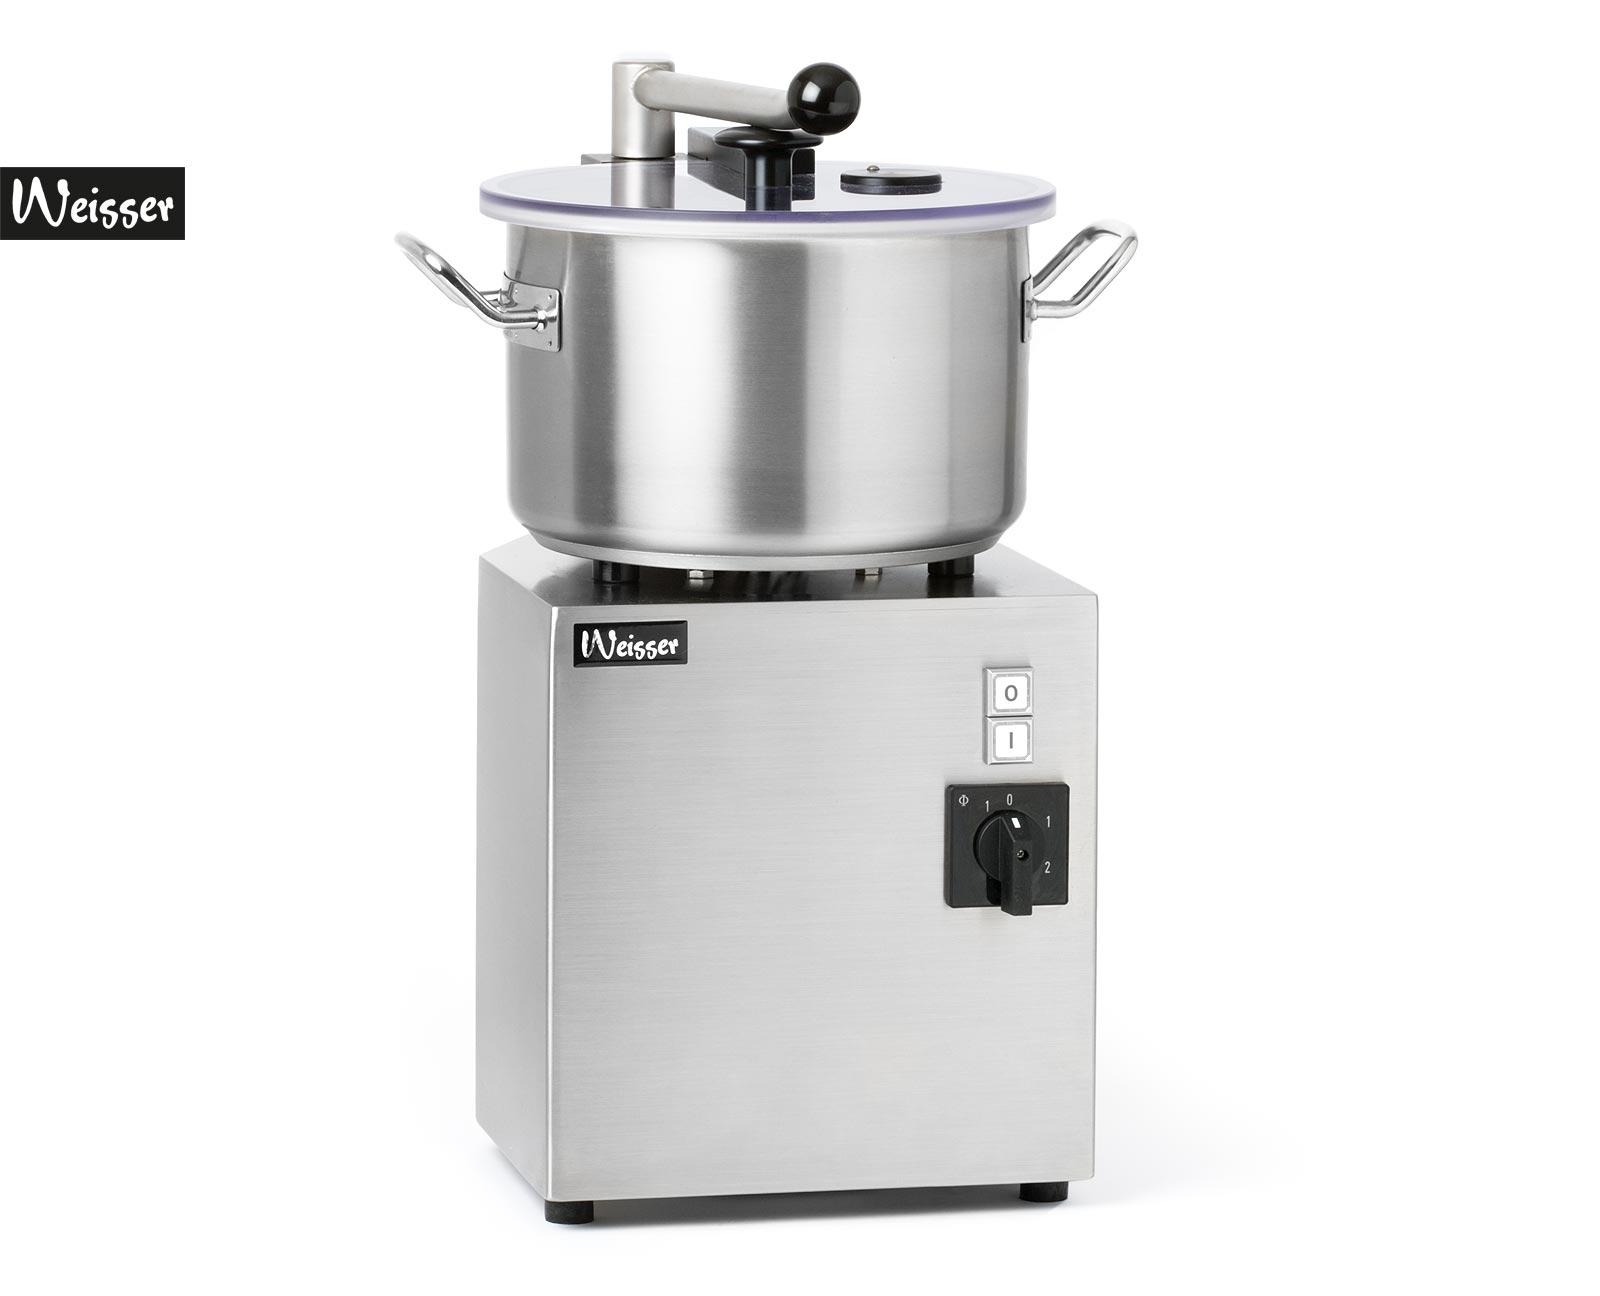 Weisser KK84 - Labor-Messermühle und Küchenkutter